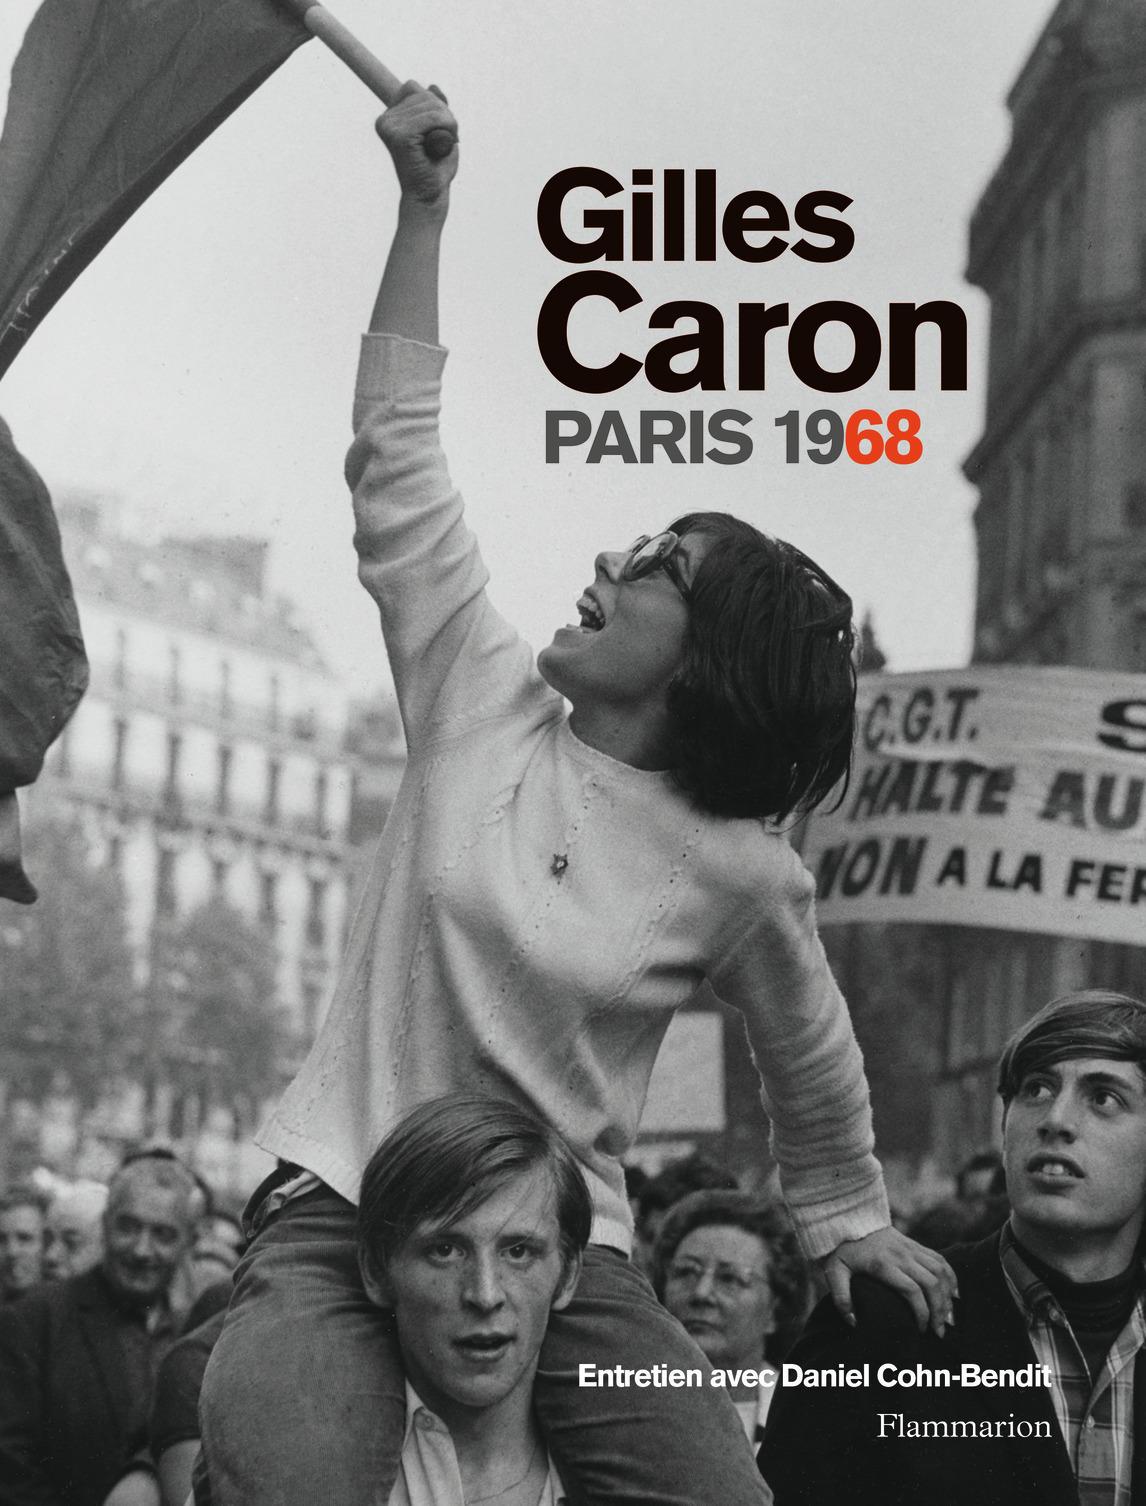 PARIS 1968 - ALBUM DE L'EXPOSITION